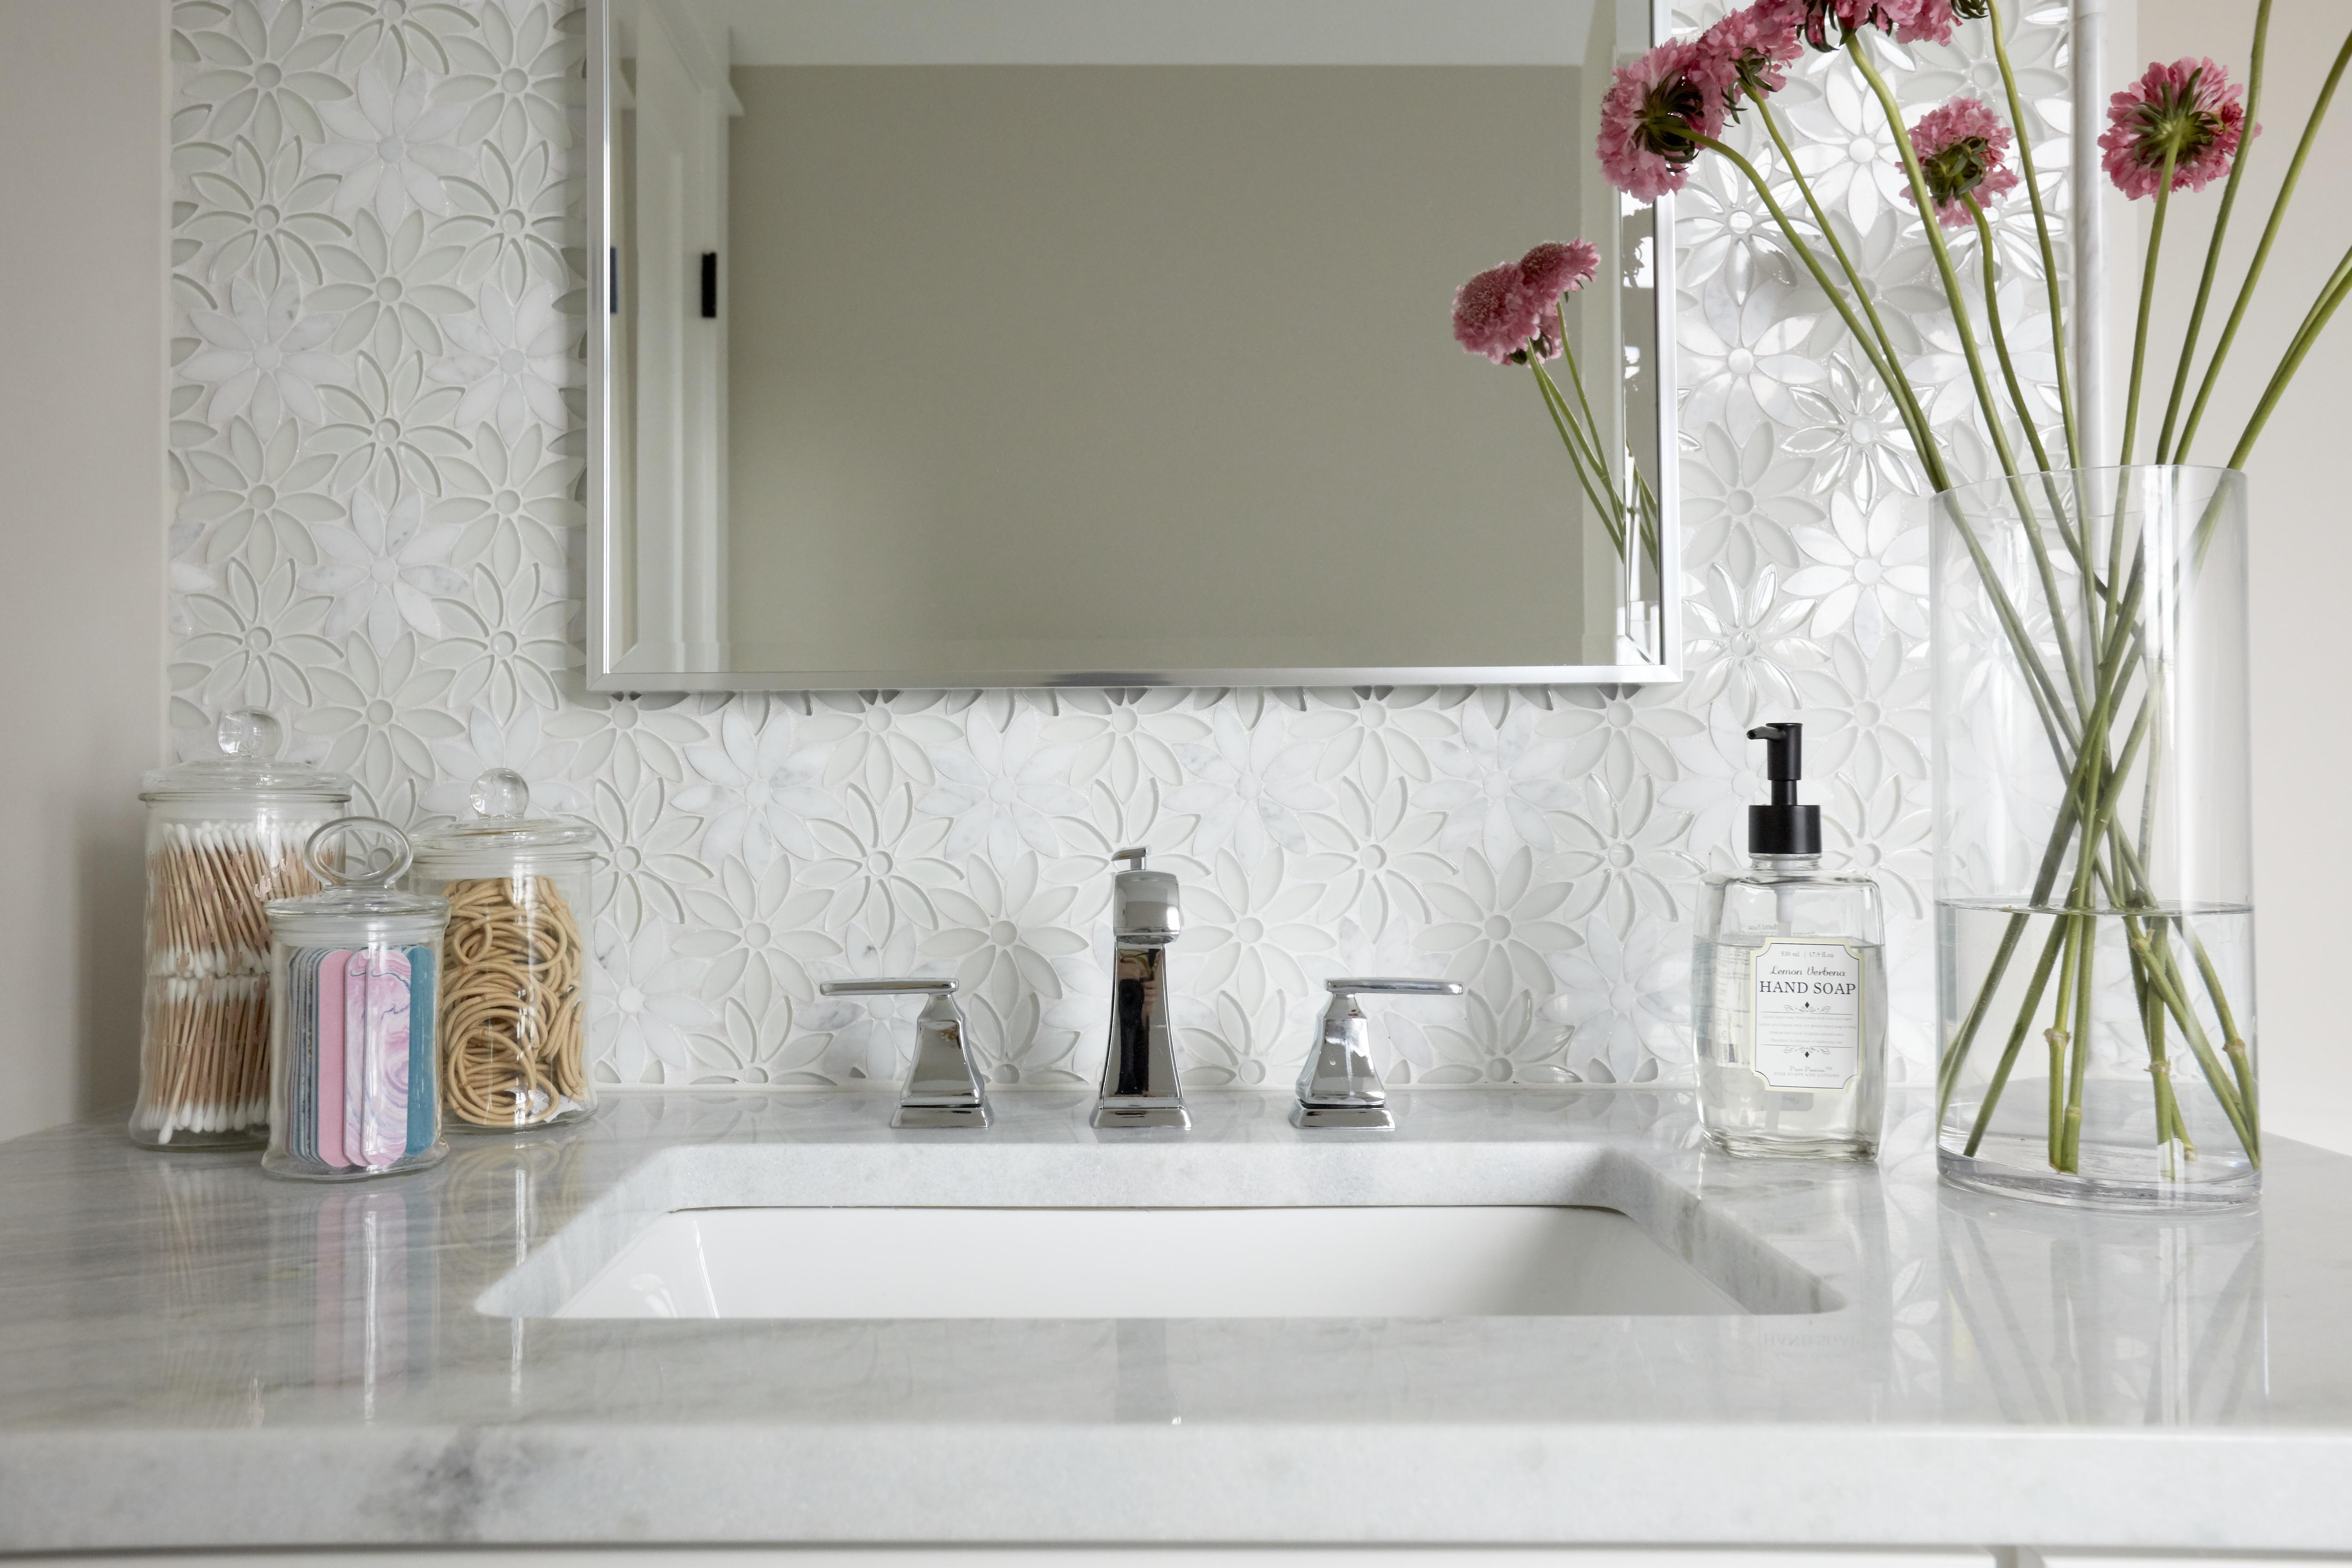 Daisy tile girls bathroom and chrome faucet